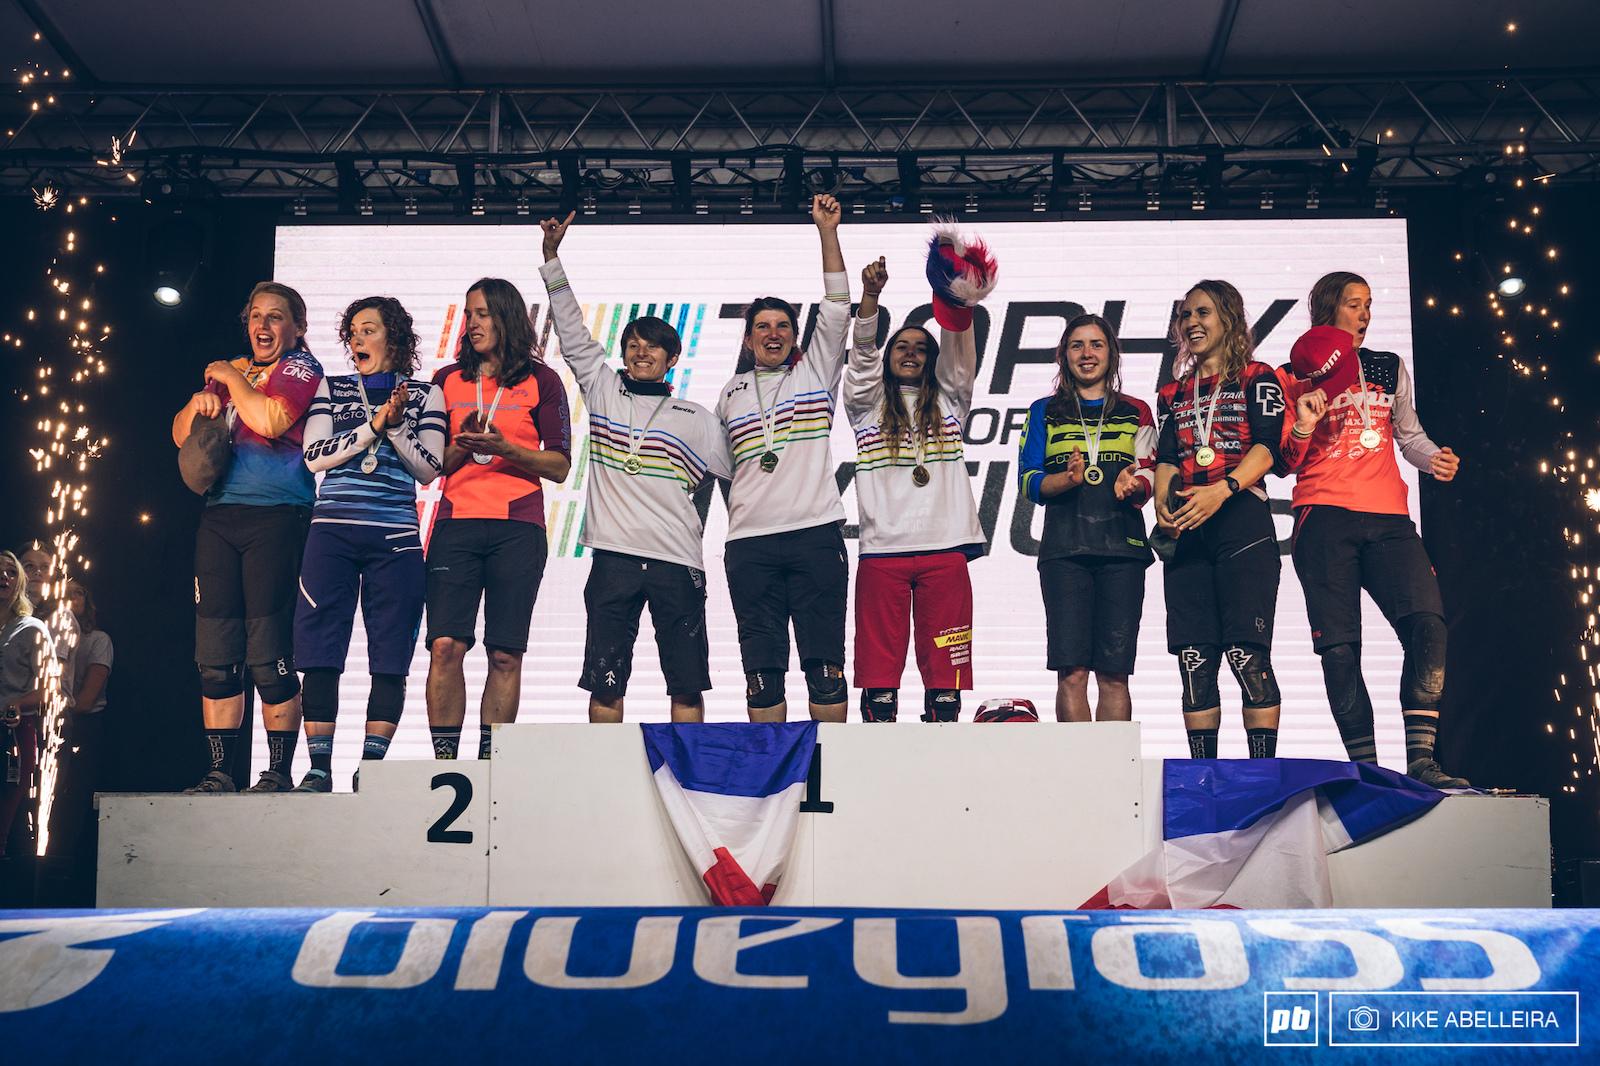 Your TON 2019 women podium.